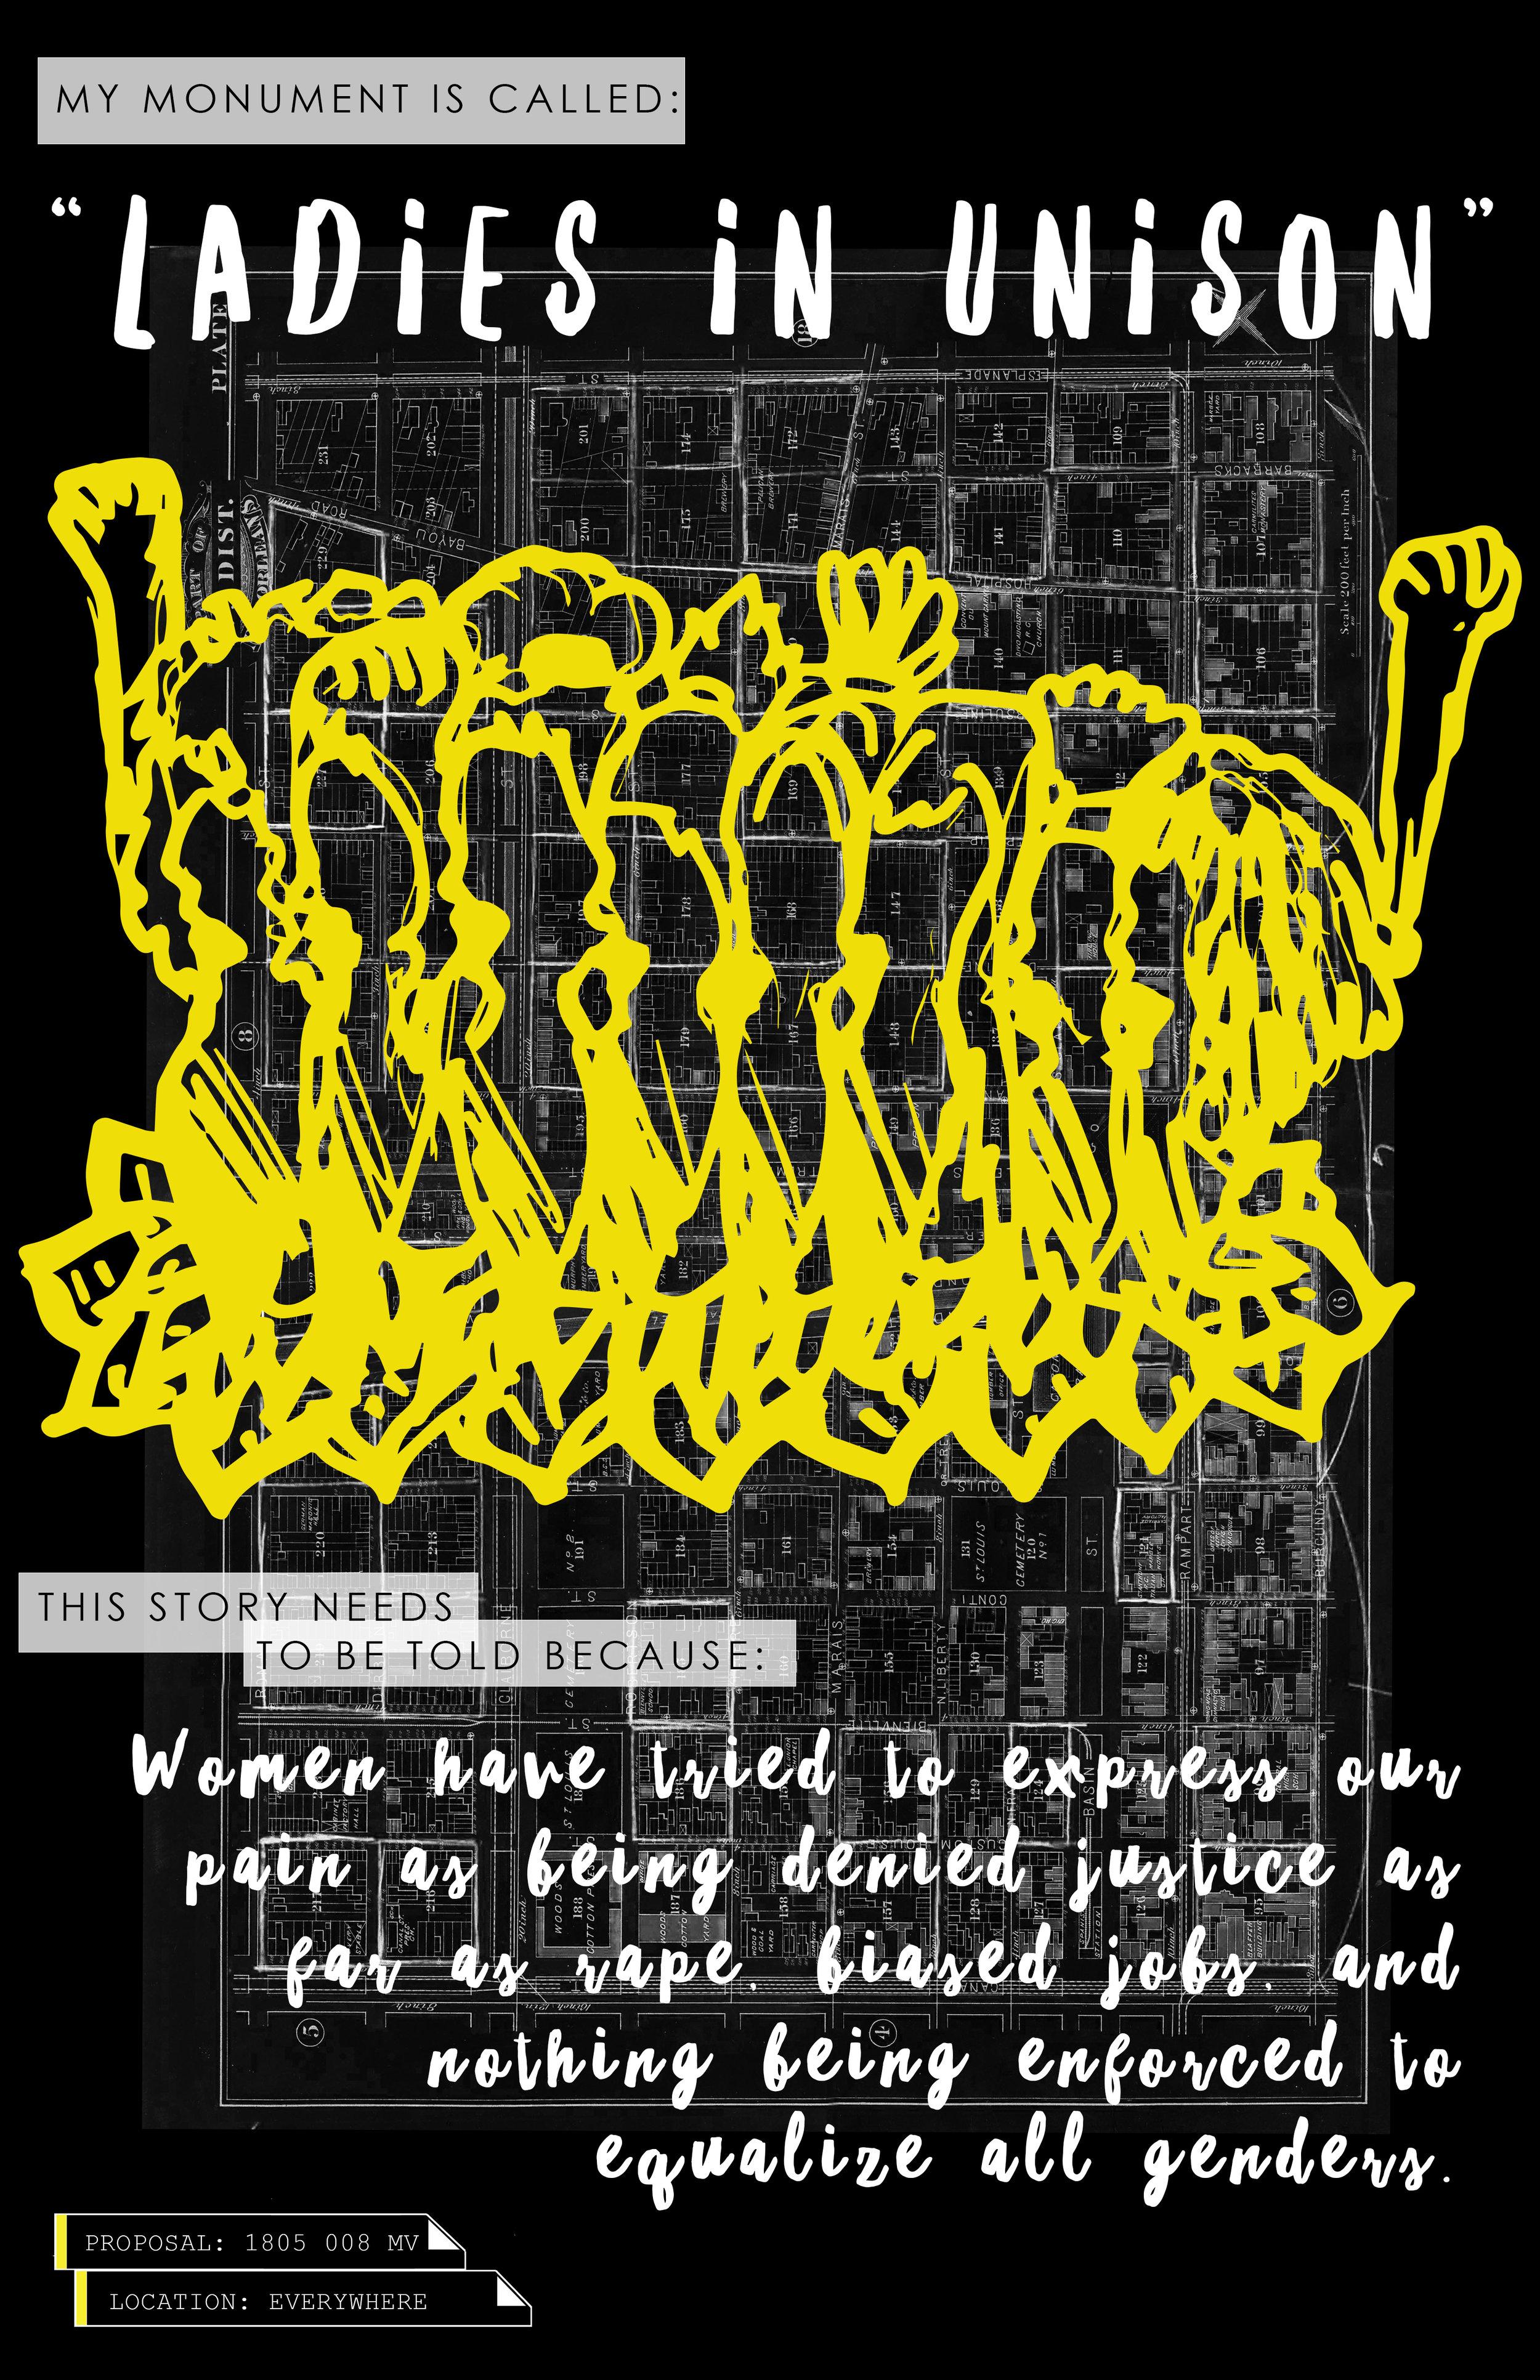 Proposal Poster 1805 008 MV.jpg